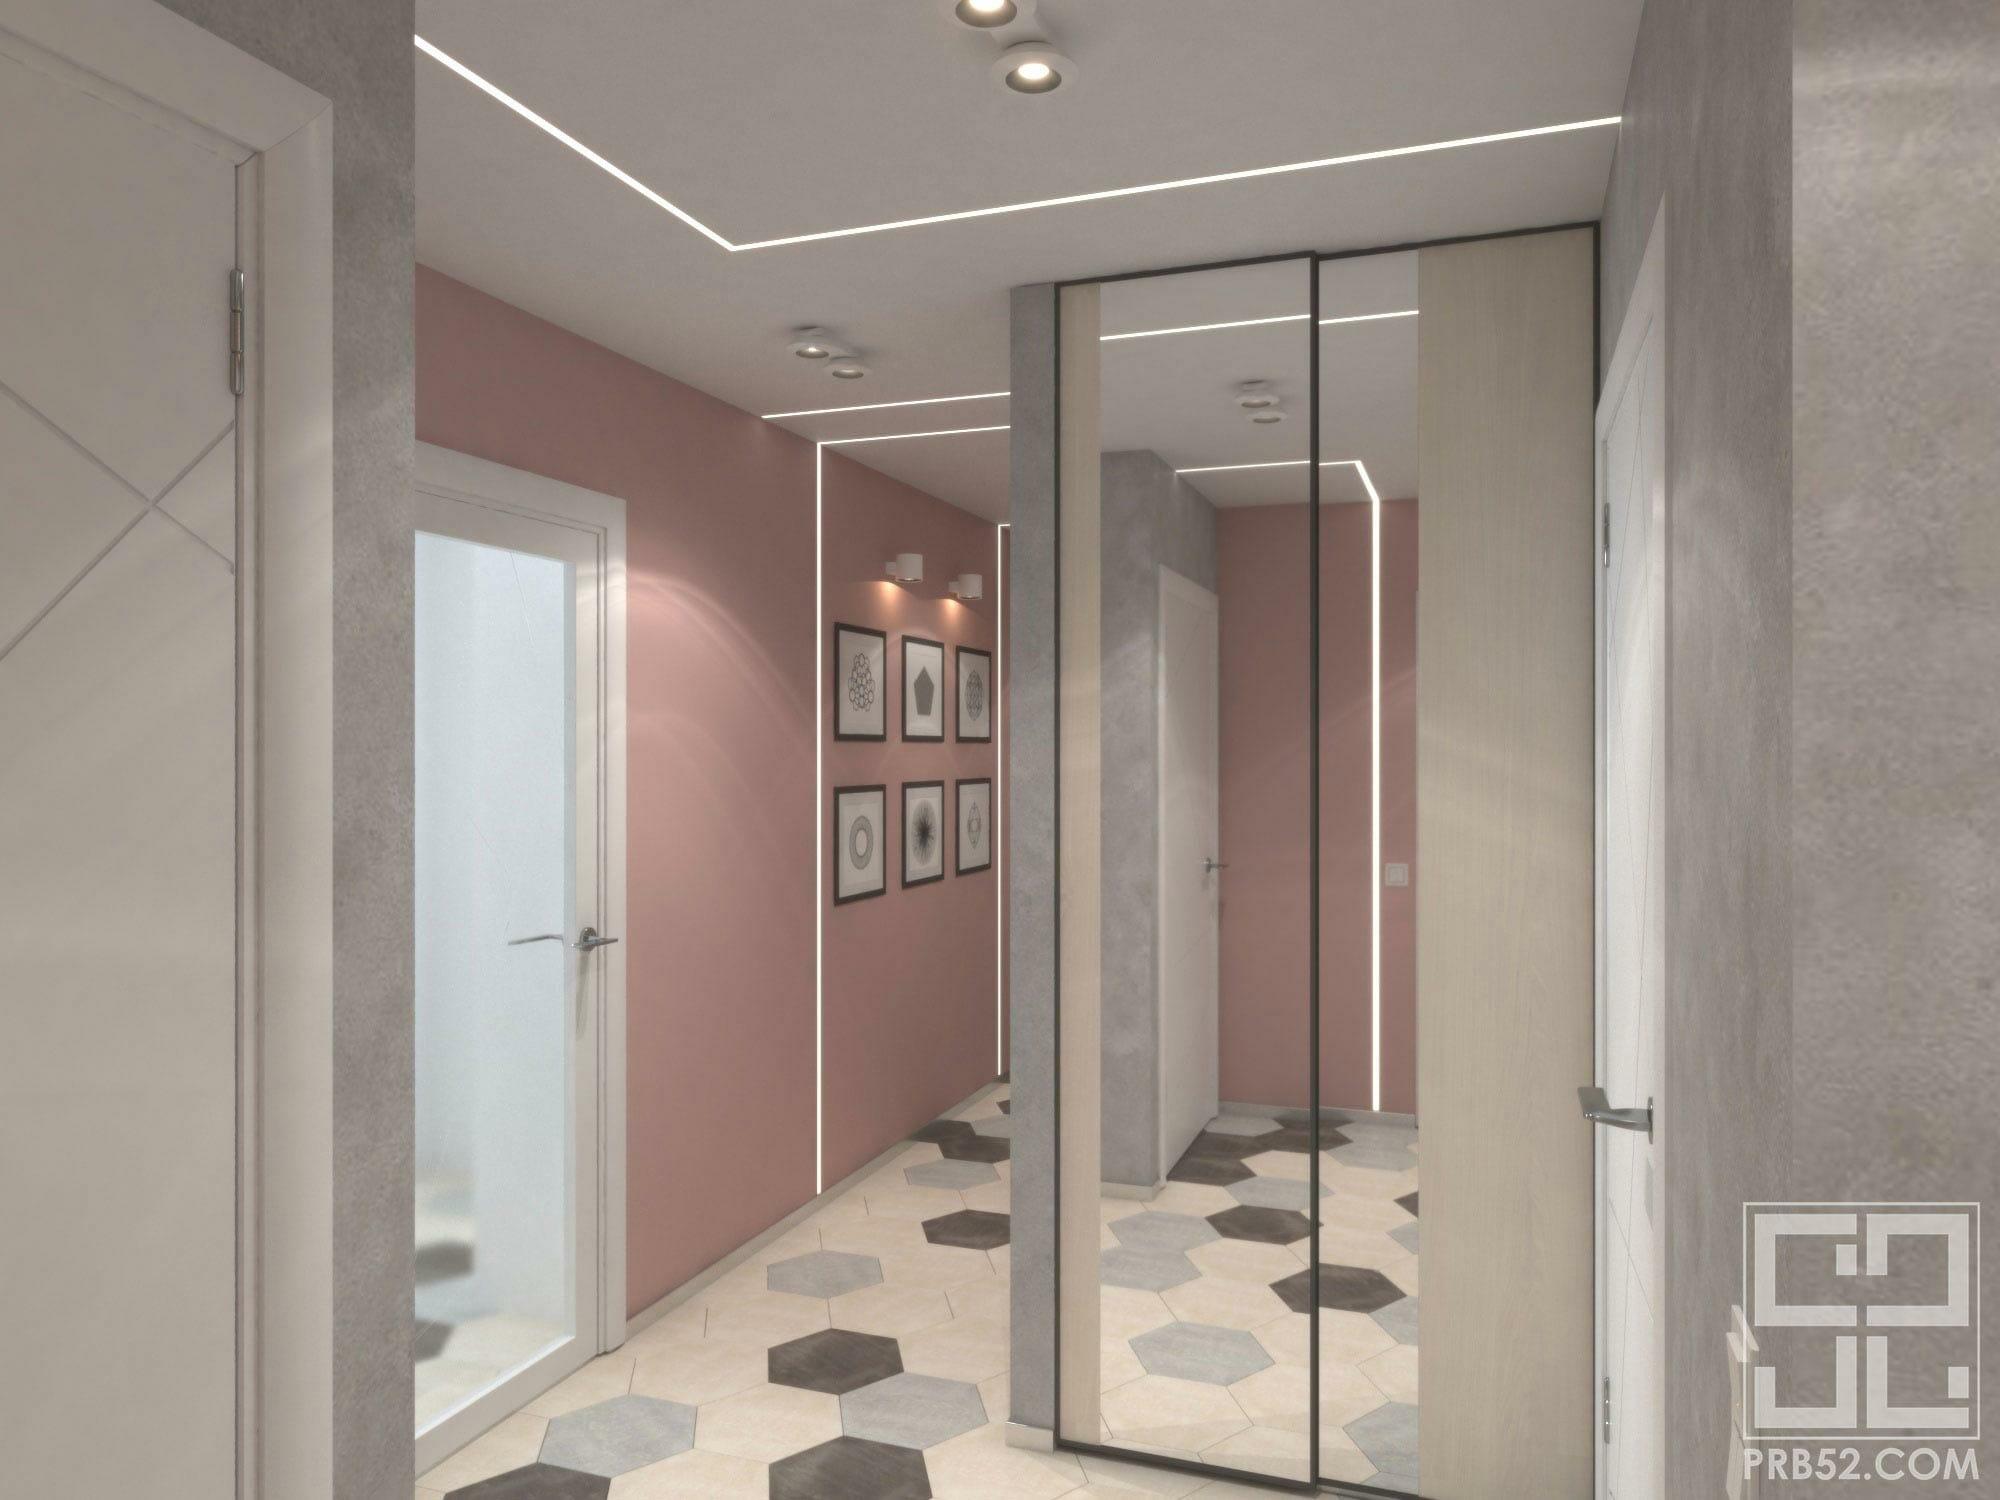 дизайн интерьера коридора идеи и решения